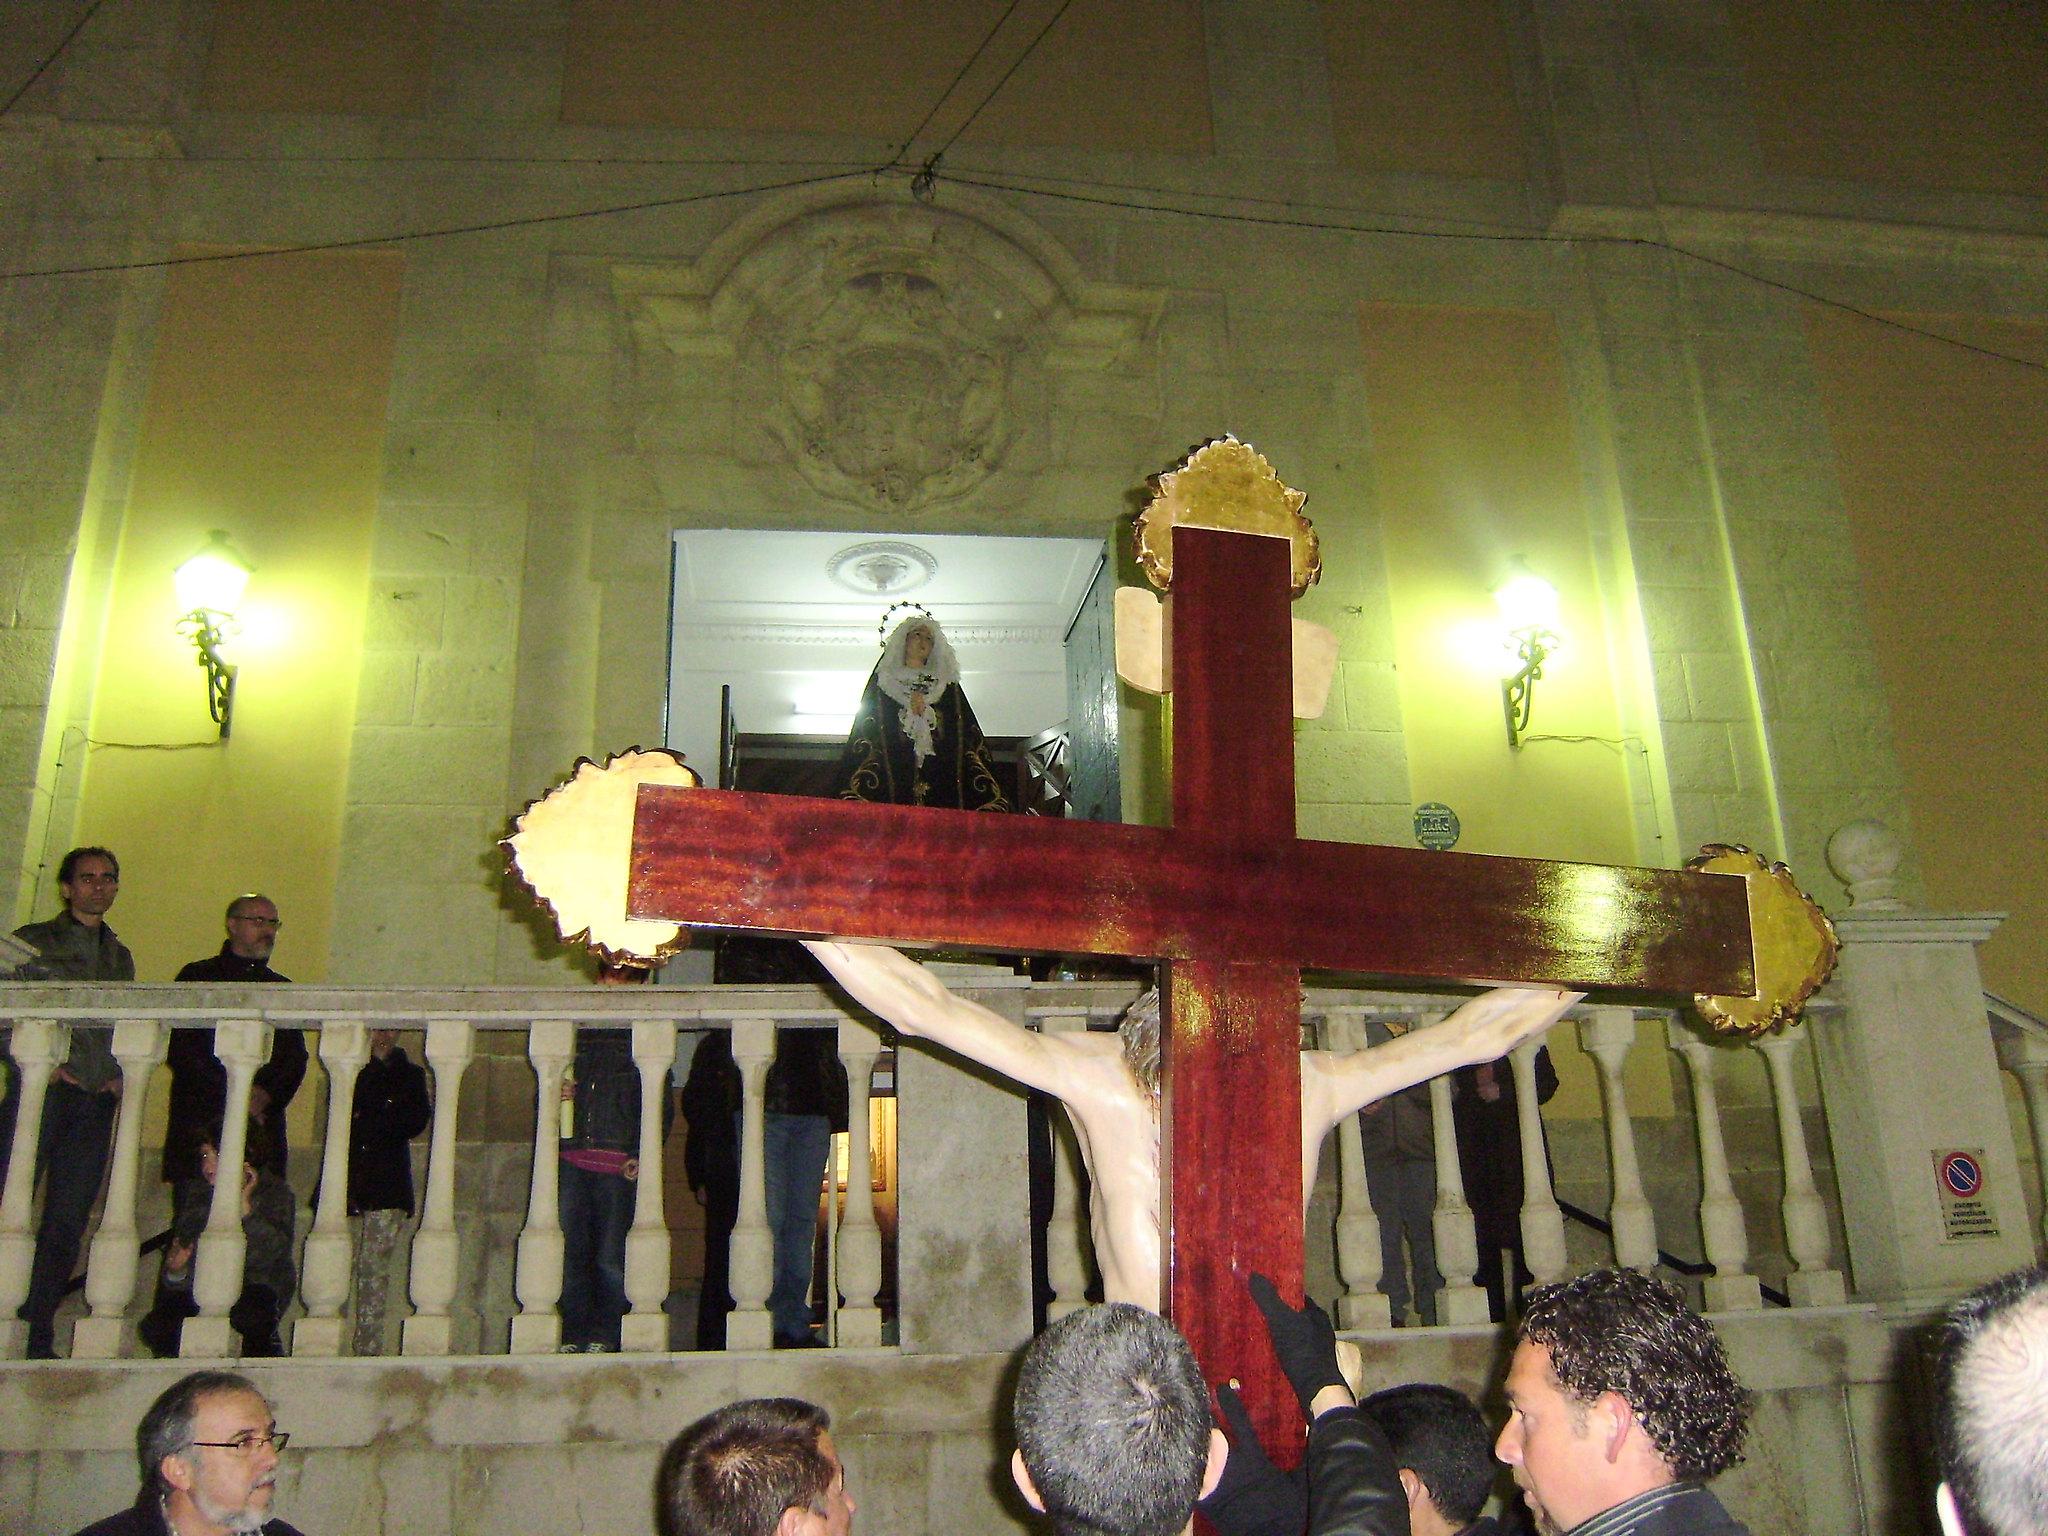 (2010-03-26) - I Vía Crucis nocturno - Javier Romero Ripoll - (14)